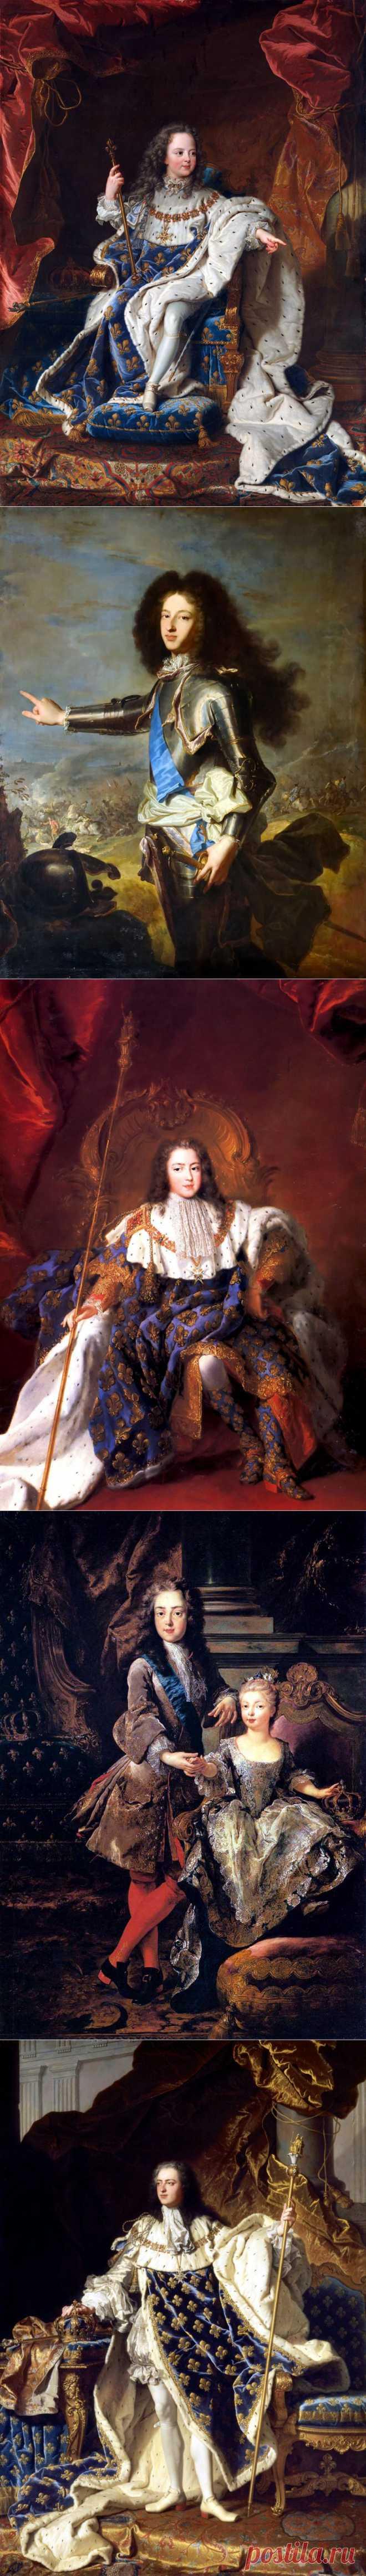 Короли и королевы Франции | Династия Бурбонов | Людовик XV (часть 1.).